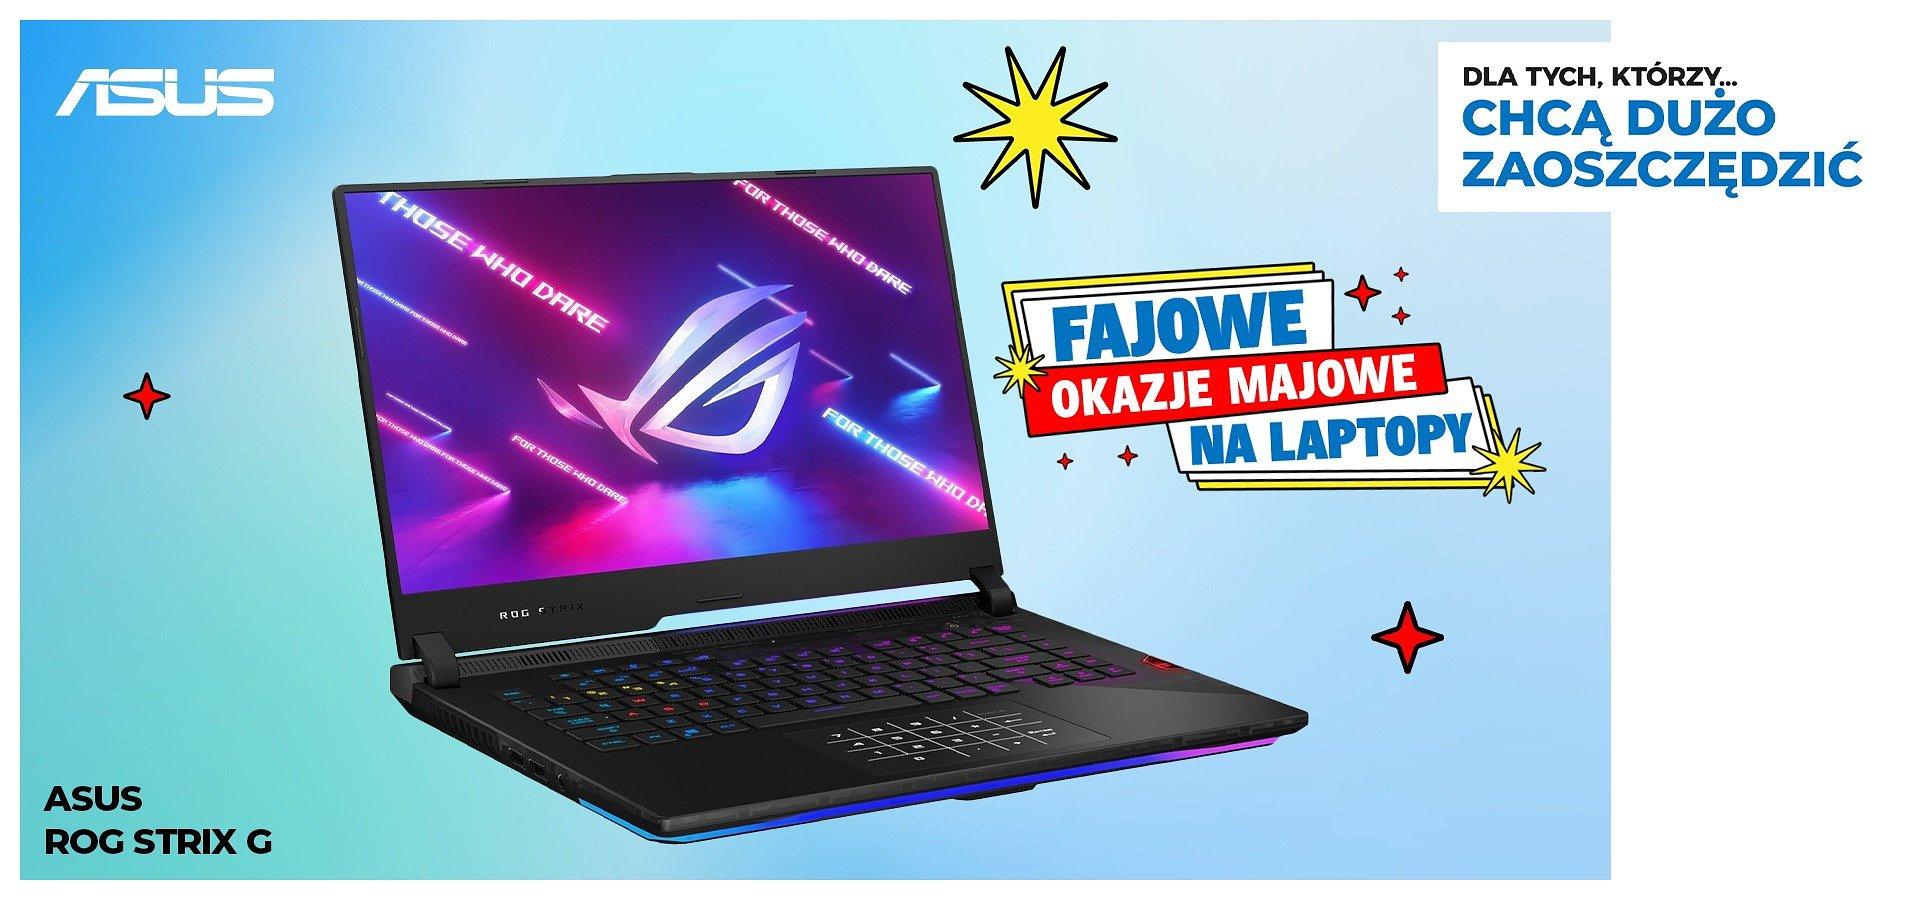 Kup laptop Asus i odbierz rozszerzoną gwarancję za 1 zł!